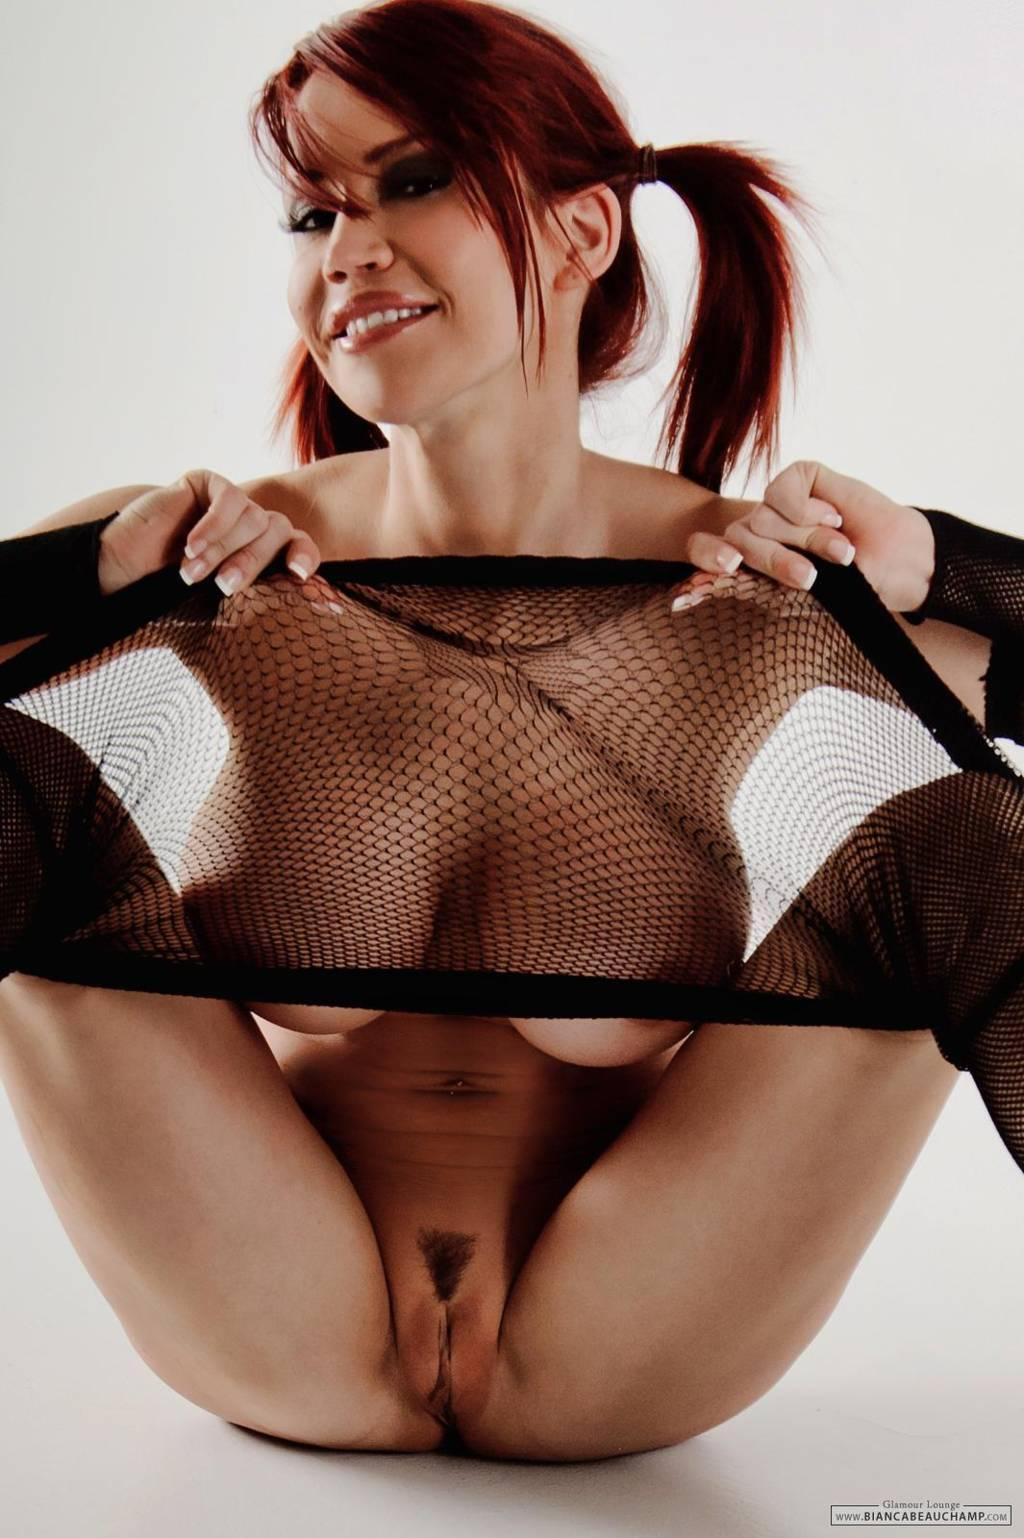 Voyeur-Flash-com-Bianca-Beauchamp-nude-8